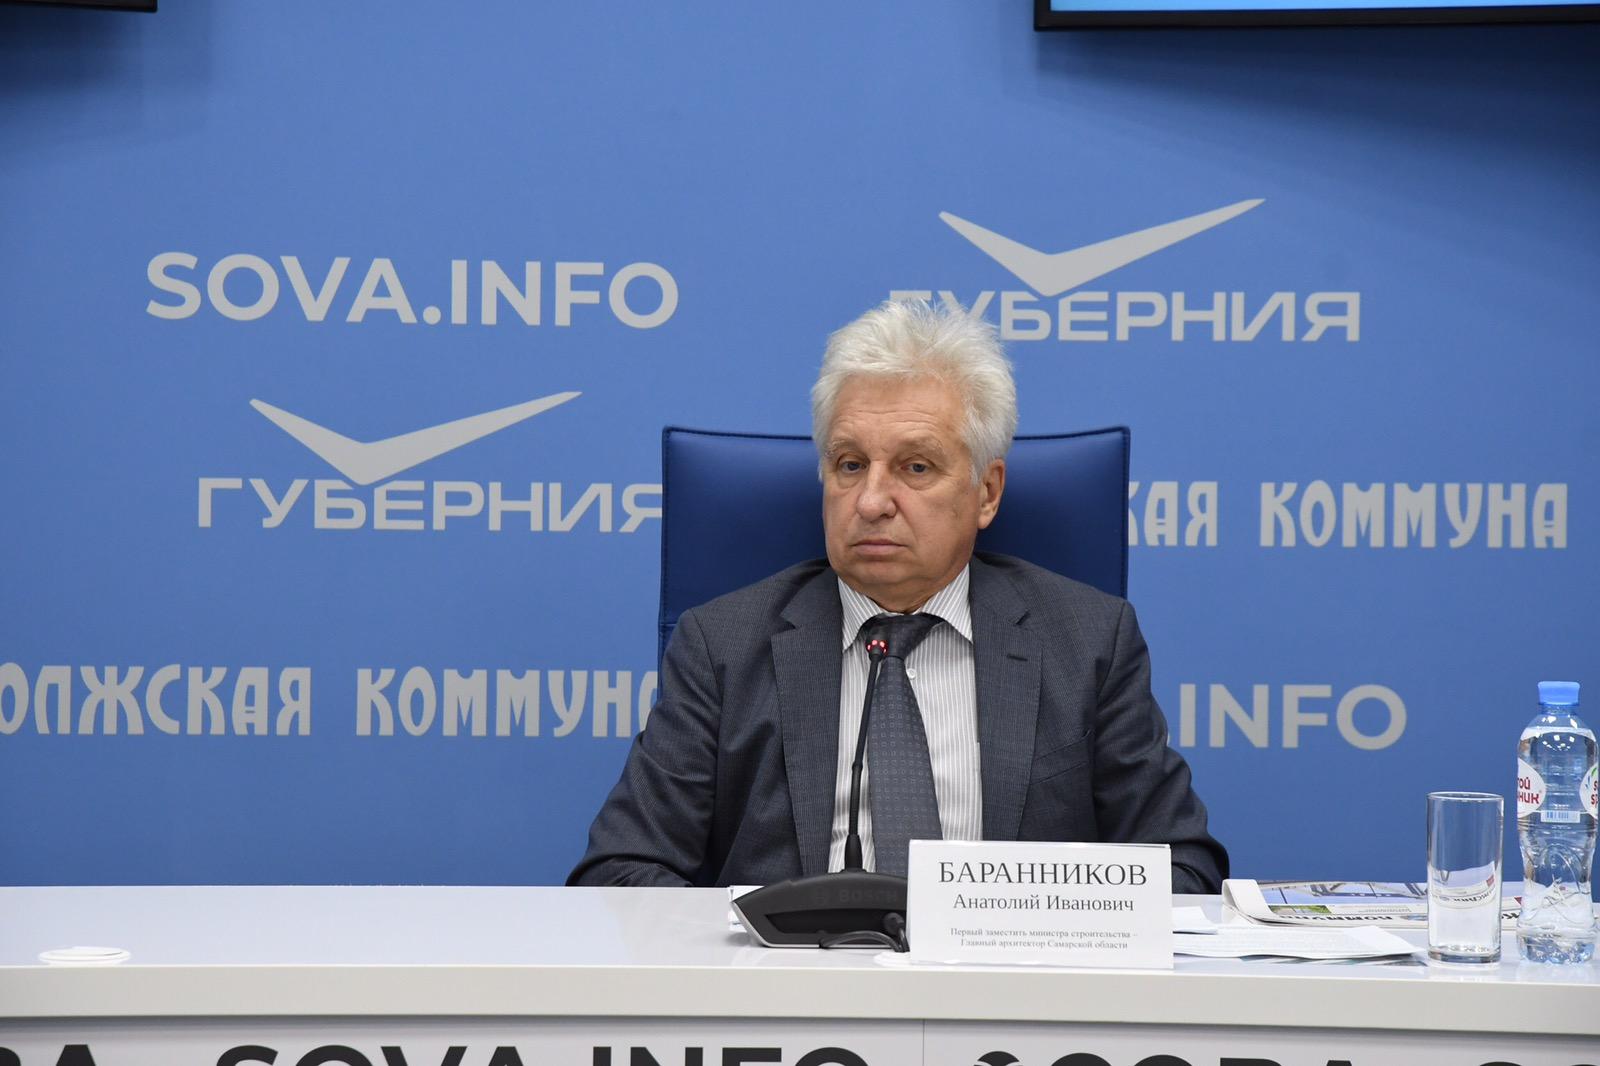 Анатолий Баранников уже долгие годы занимает должность главного архитектора региона